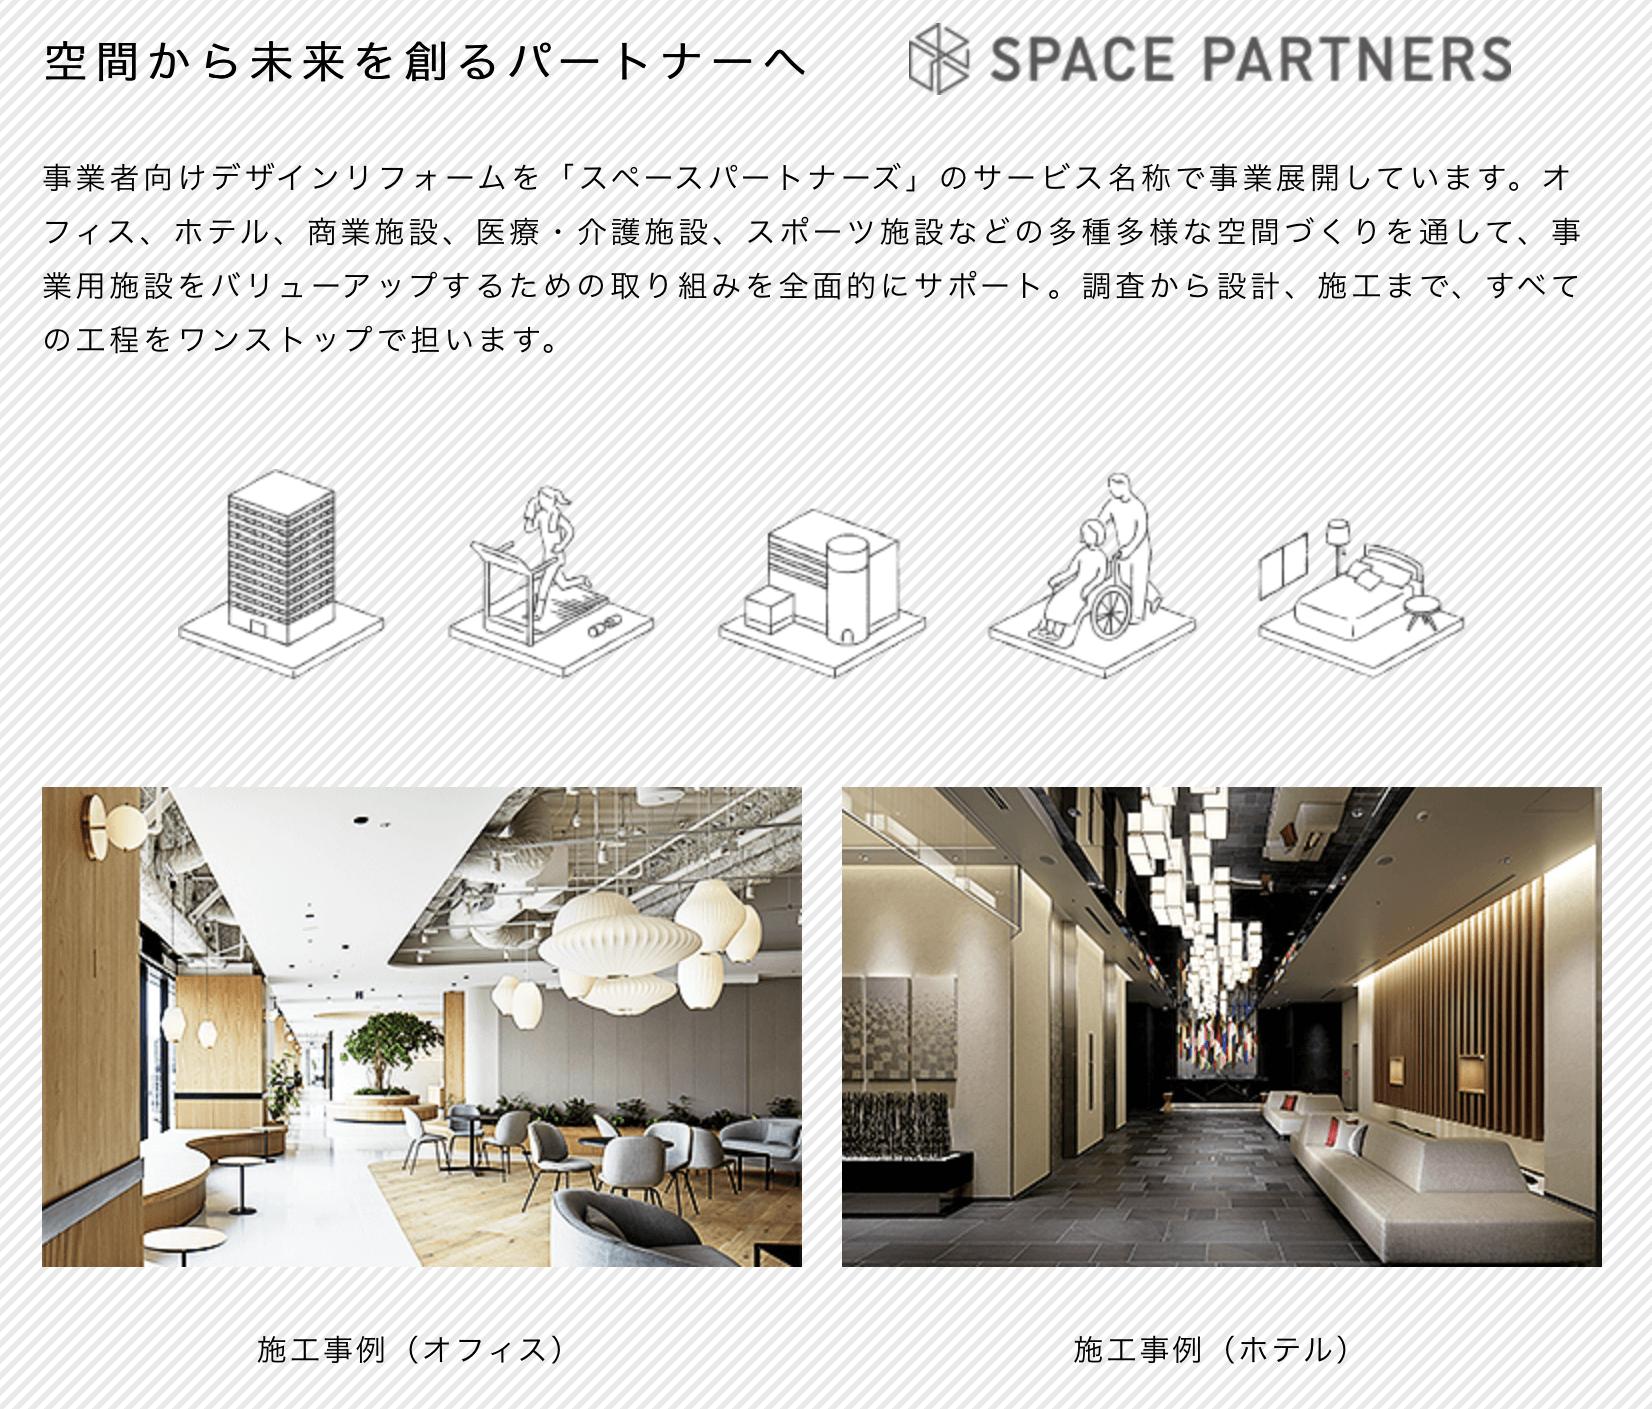 東急グループのSPACE PARTNERS